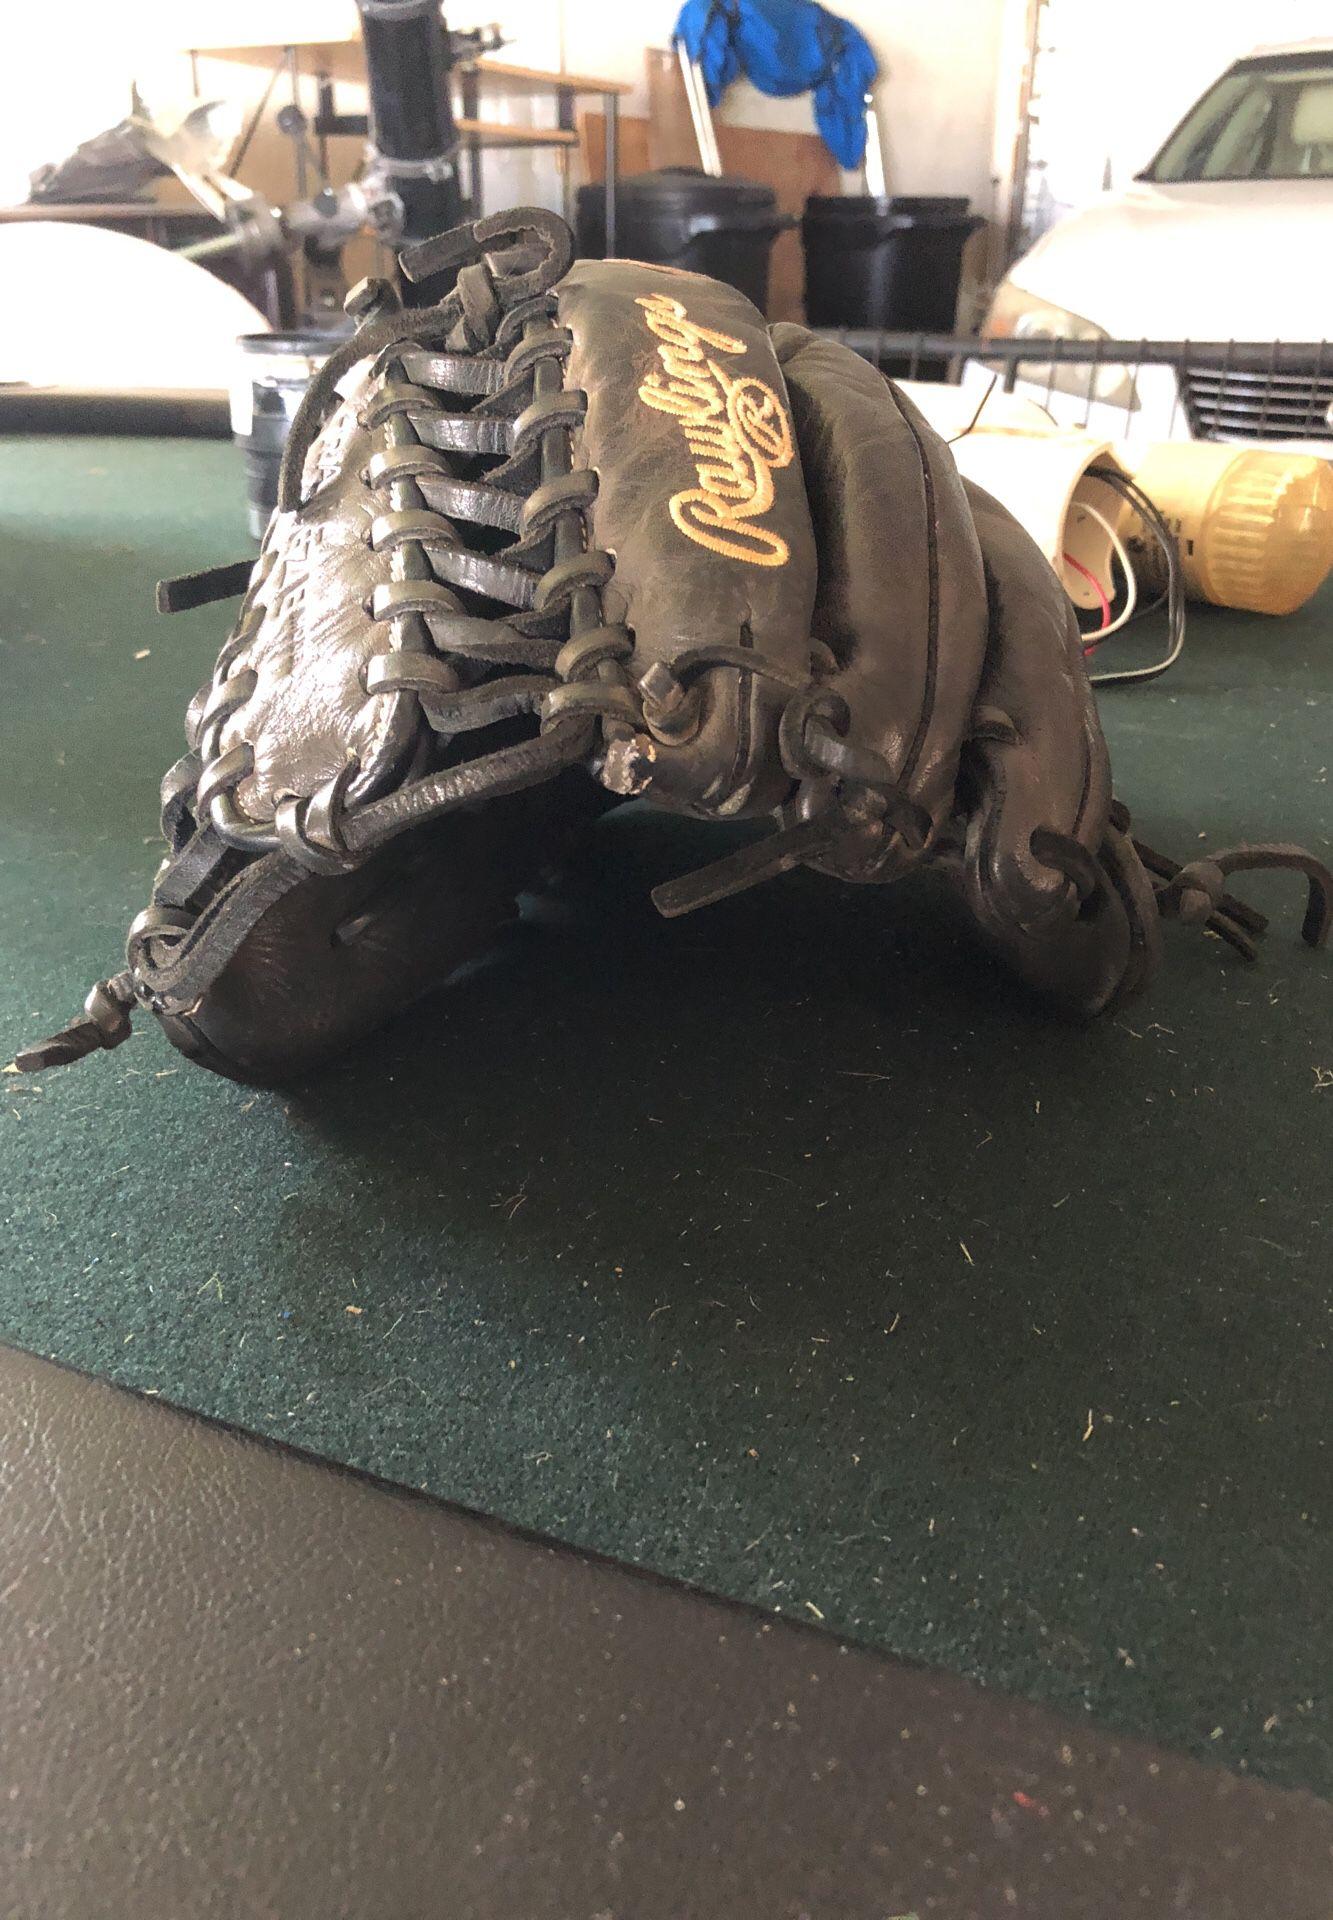 Rawlings glove